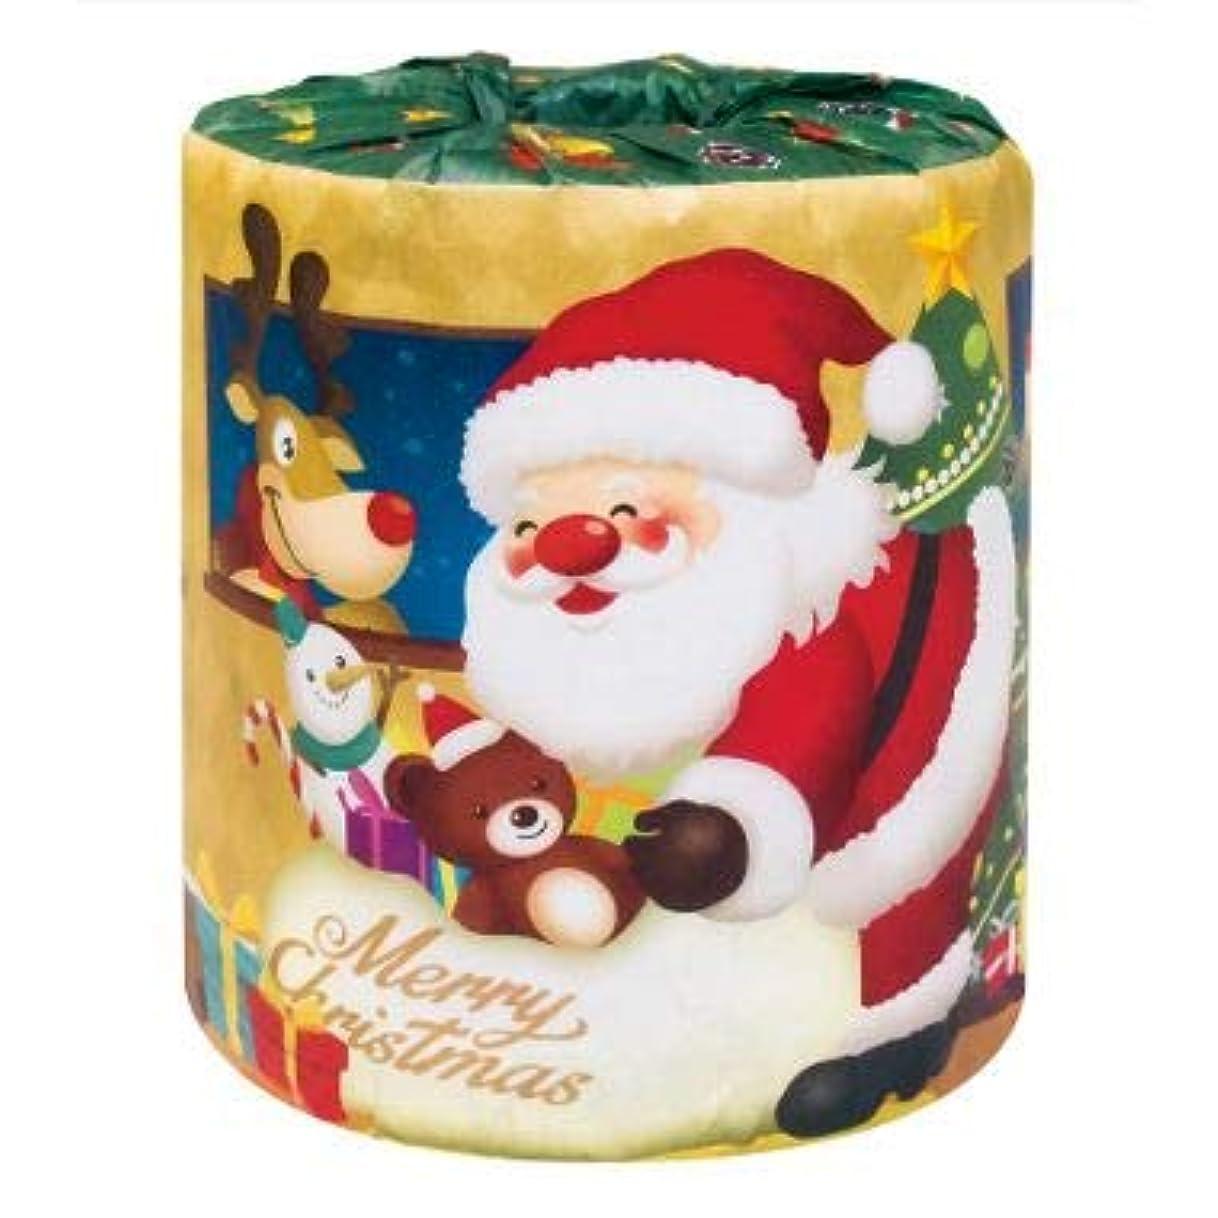 ブラシ深い強制的【サンタロール1Rトイレットペーパー 1ケース100個入】Xmas クリスマス パーティー イベント用 催事 販促用 粗品 ディスプレイ 積み上げ